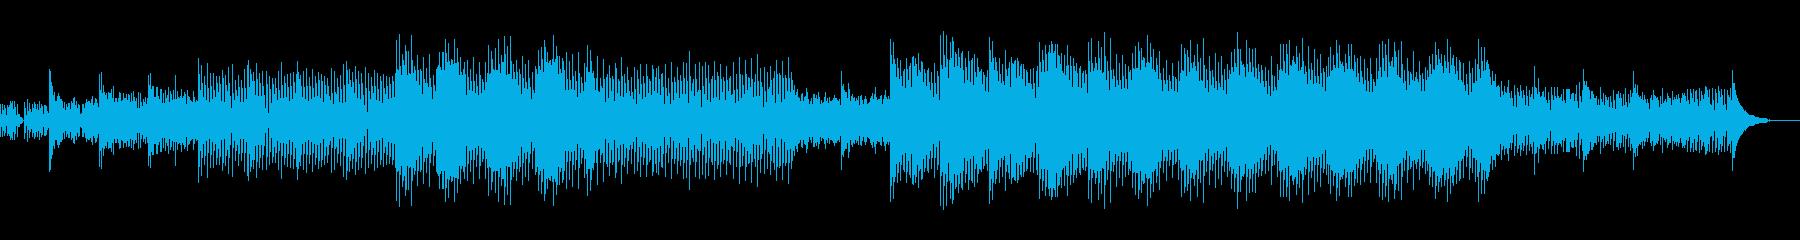 就寝前のヒーリング系アンビエントEDMの再生済みの波形